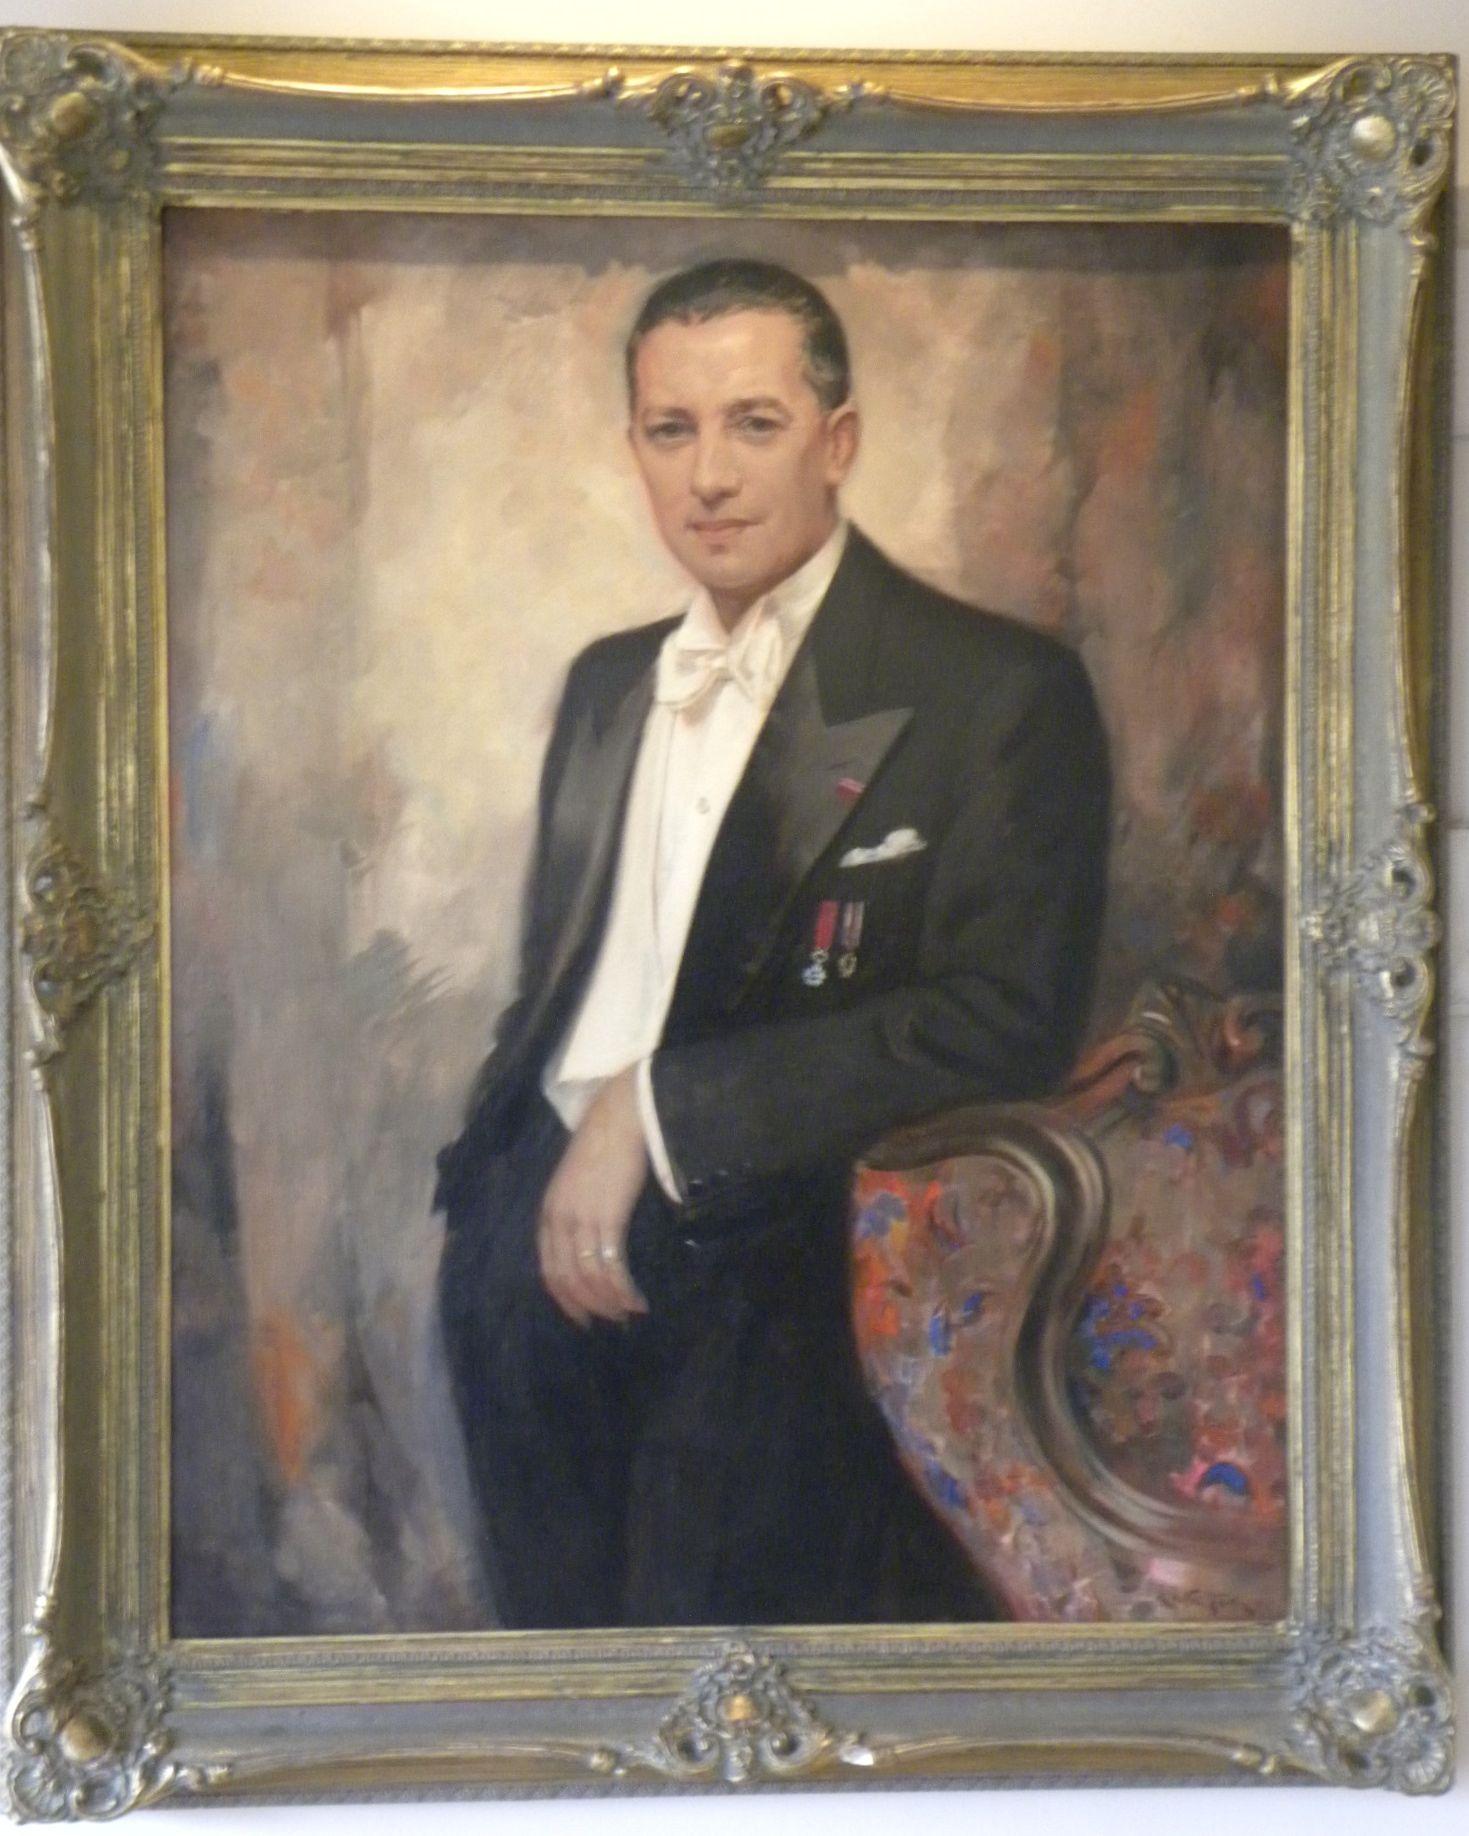 Art Deco Gentlemans Portrait White Tie Tails Nobility By